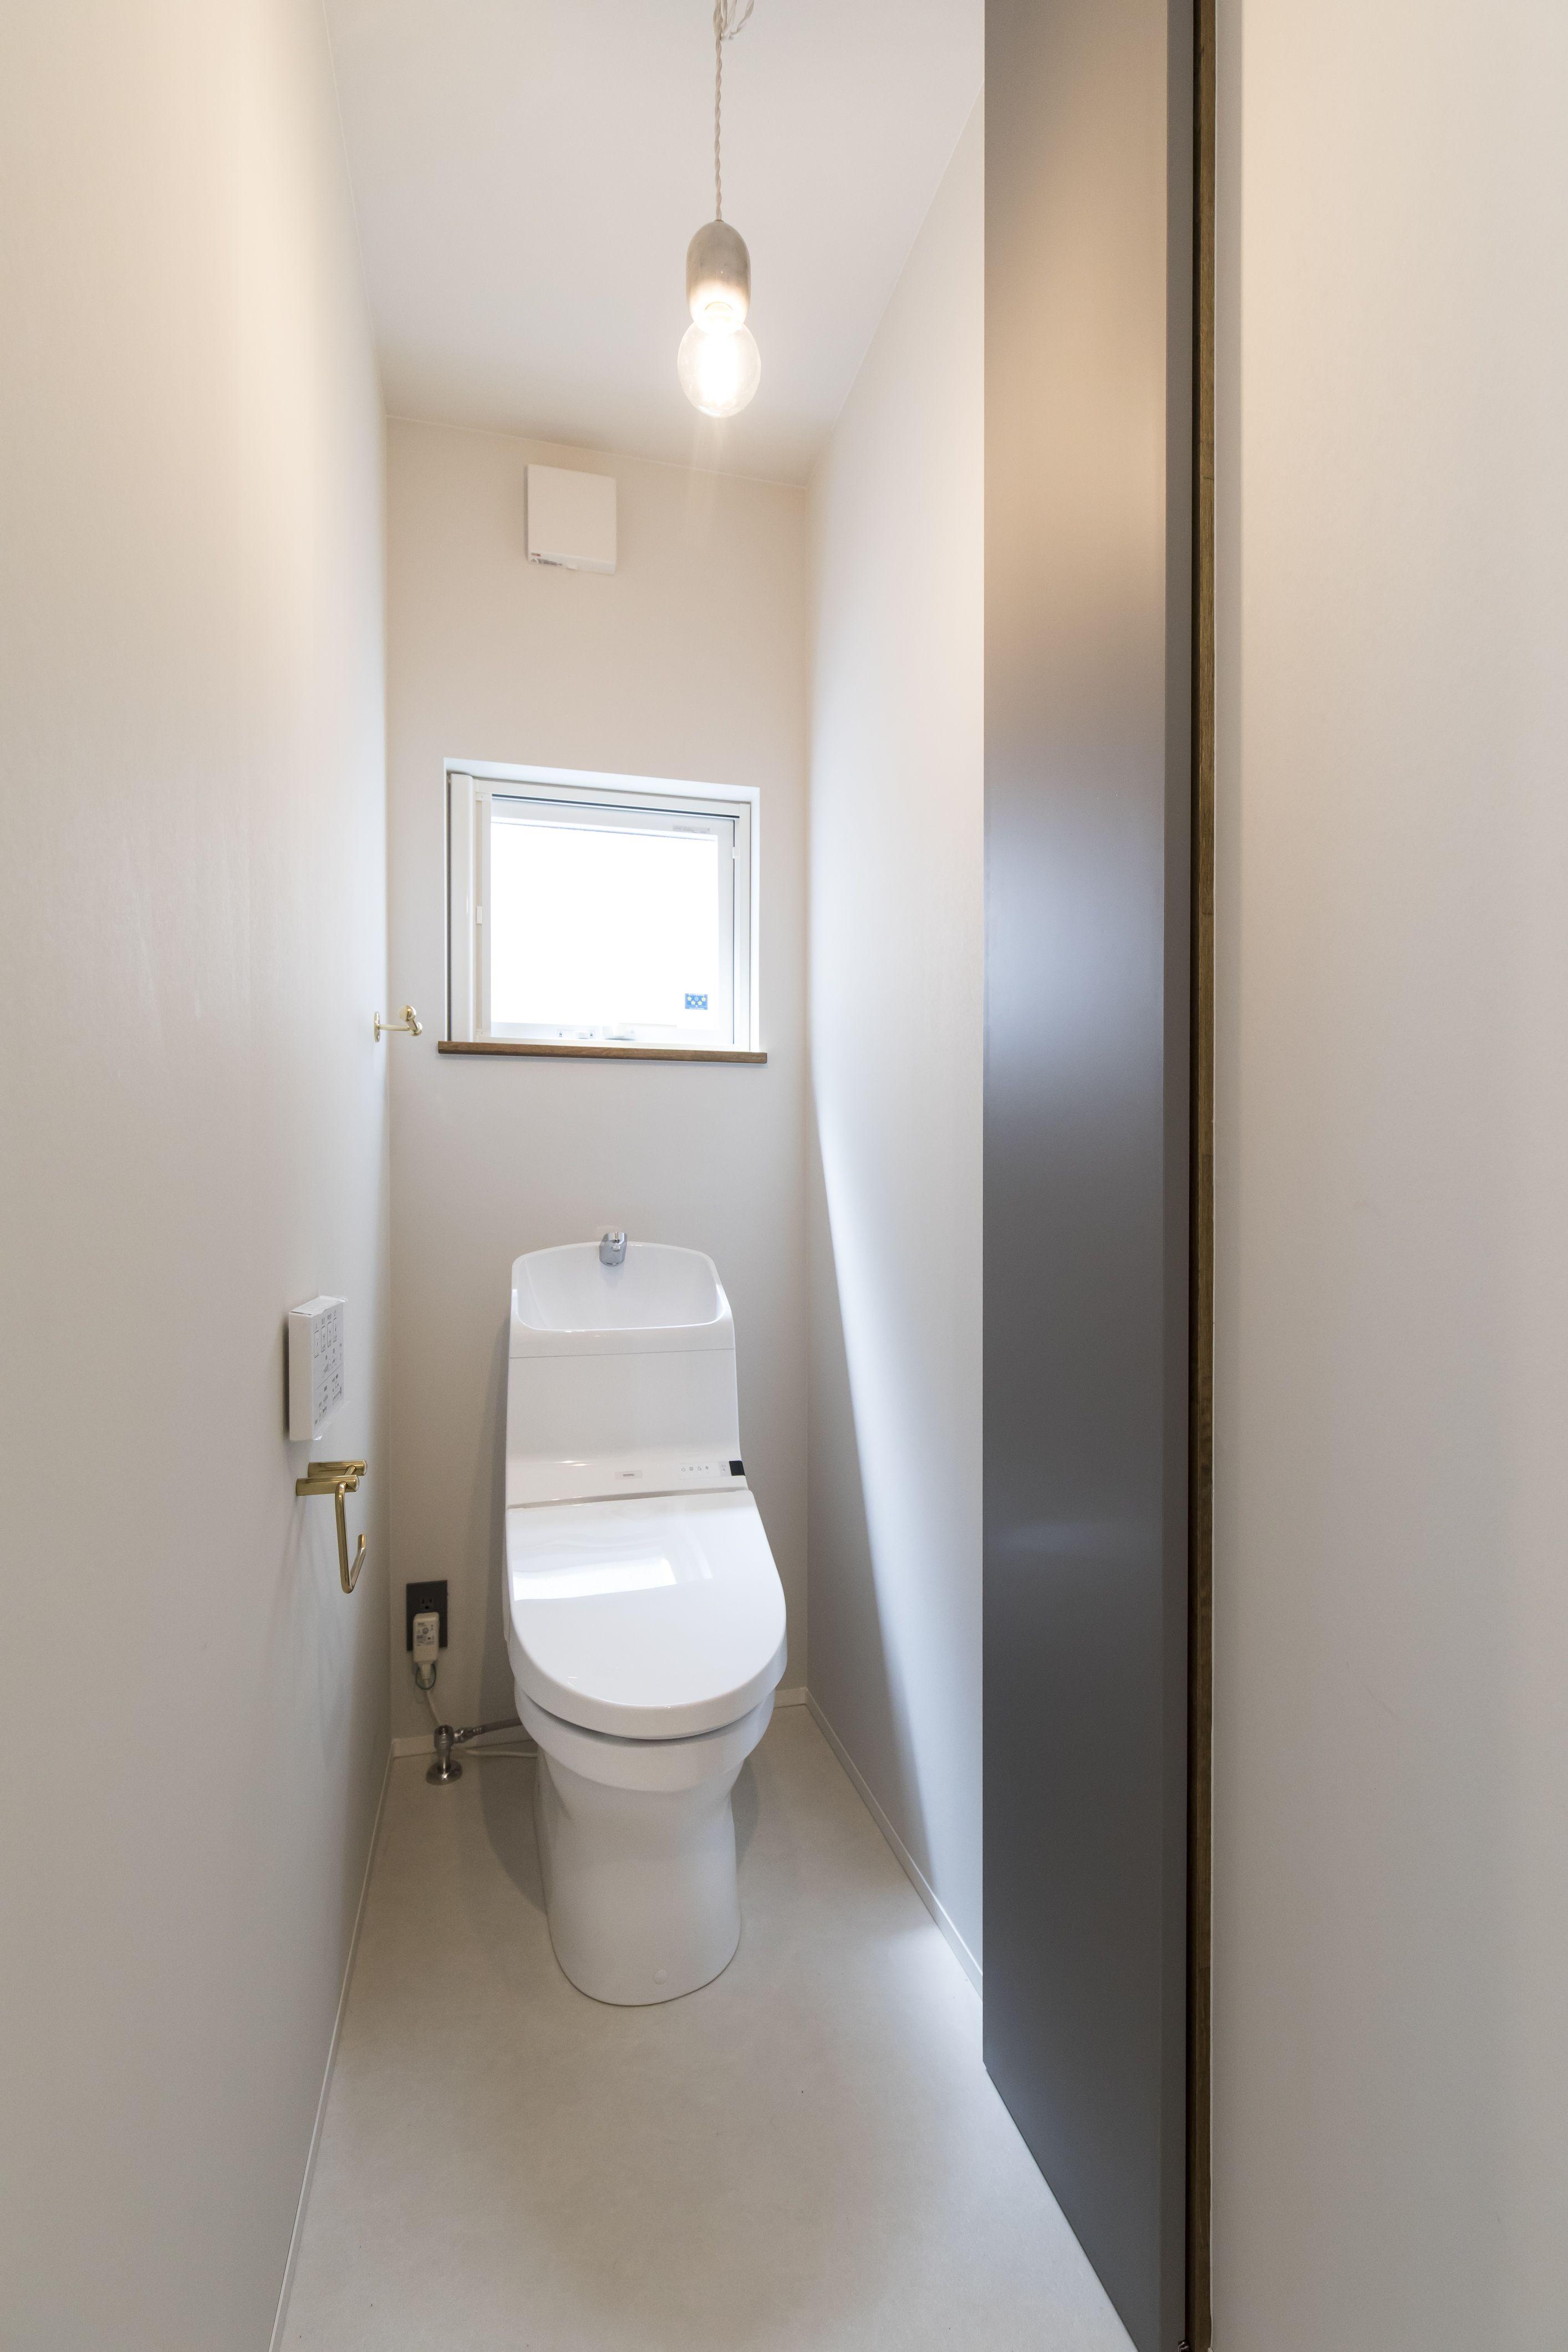 ハイドア収納で収納力抜群のトイレ 施工事例 Bino Bino播磨 中塚組 トイレ トイレ収納 収納 ハイドア 可動棚